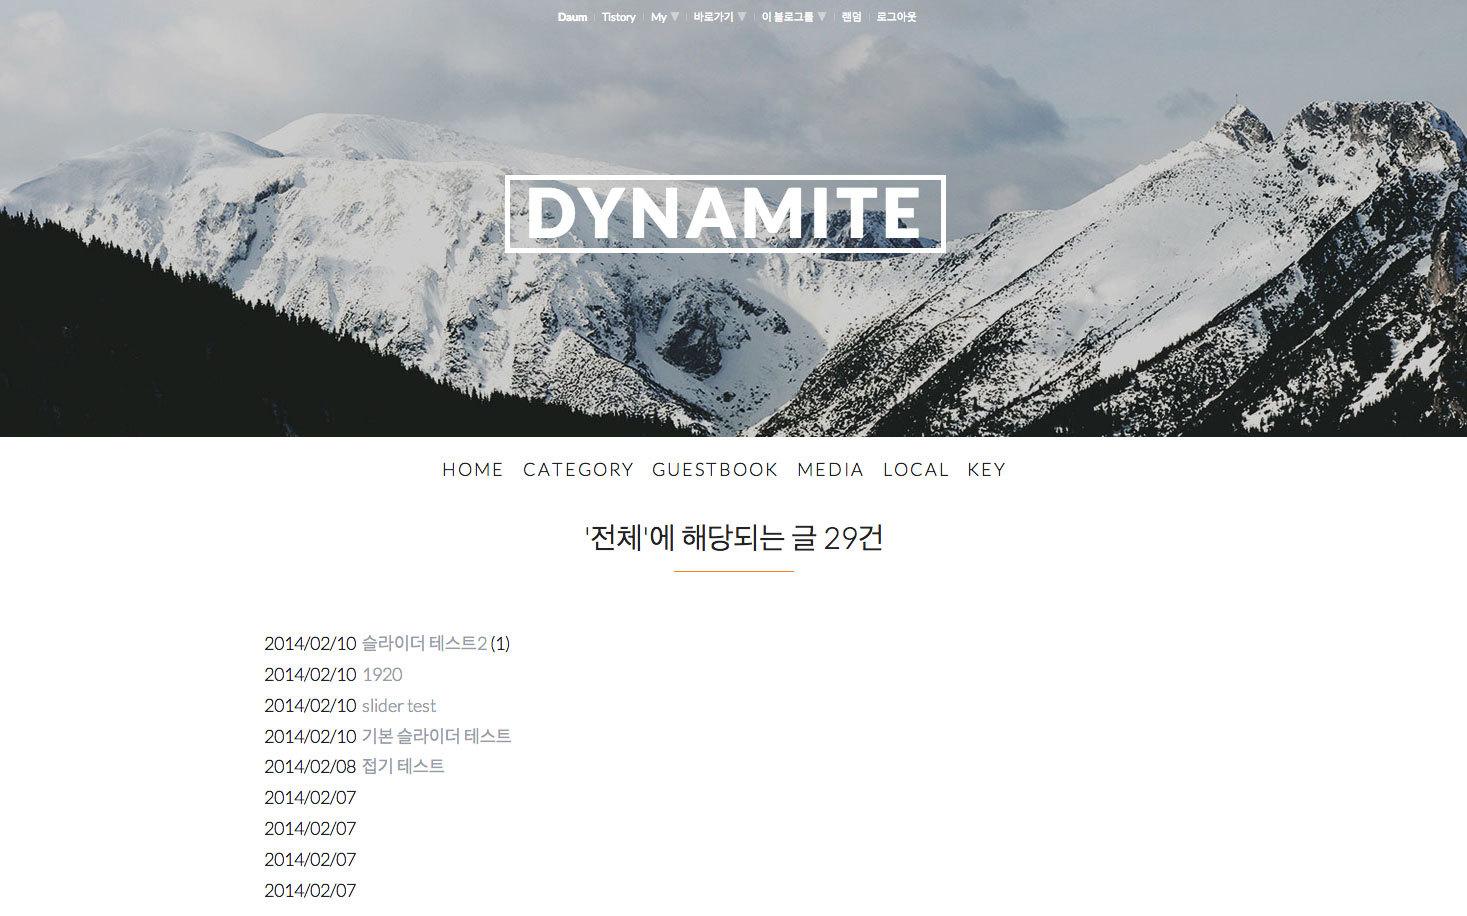 Dynamite 검색결과